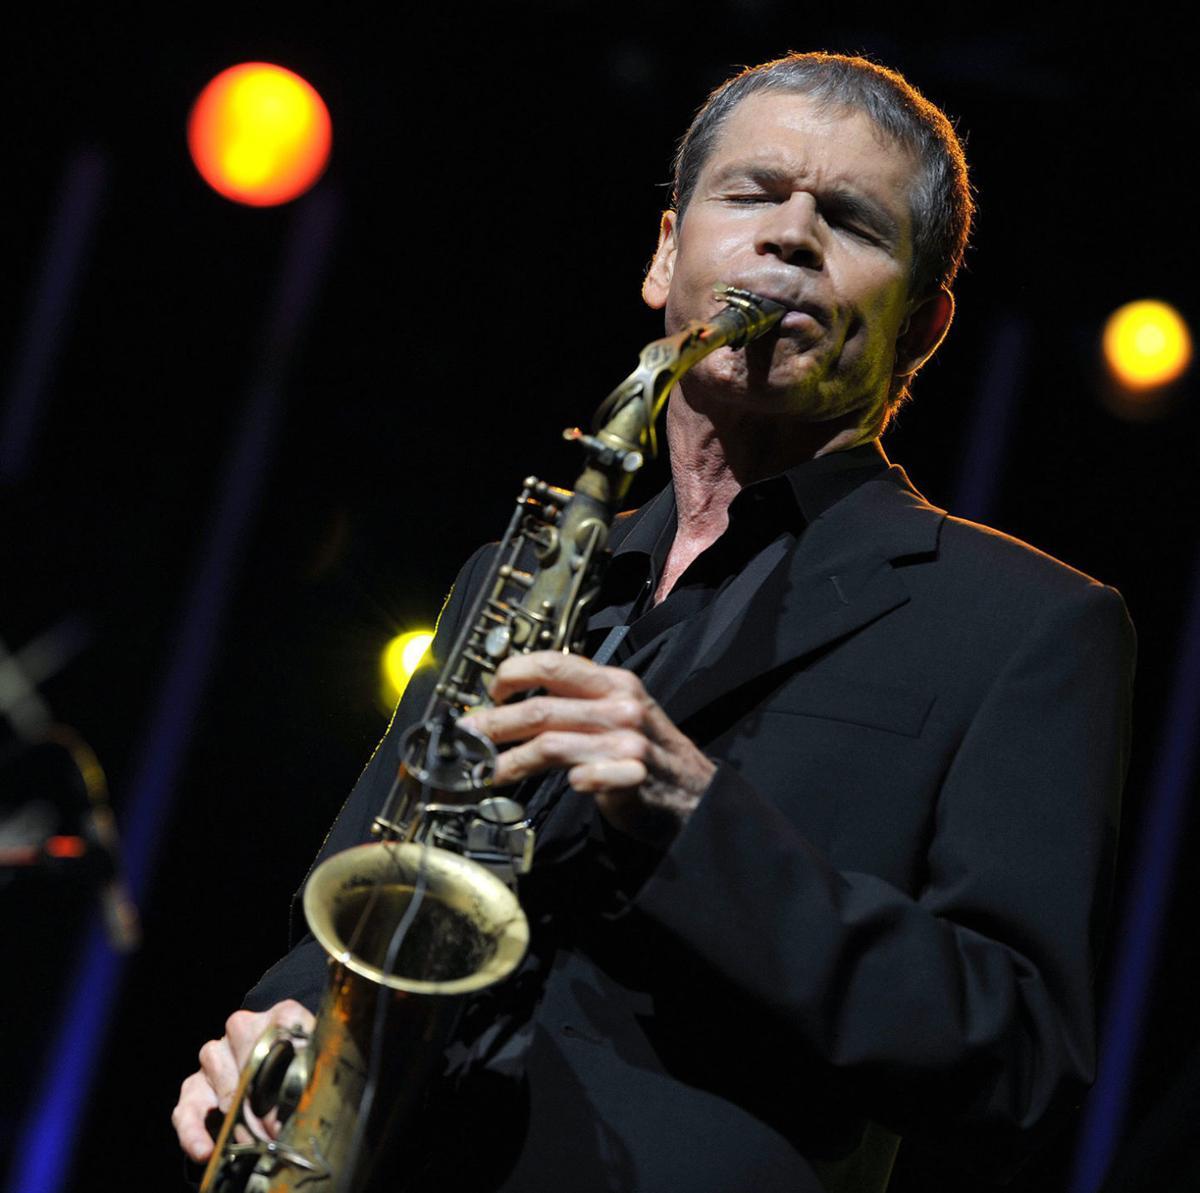 SWITZERLAND MONTREUX JAZZ FESTIVAL DAVID SANBORN